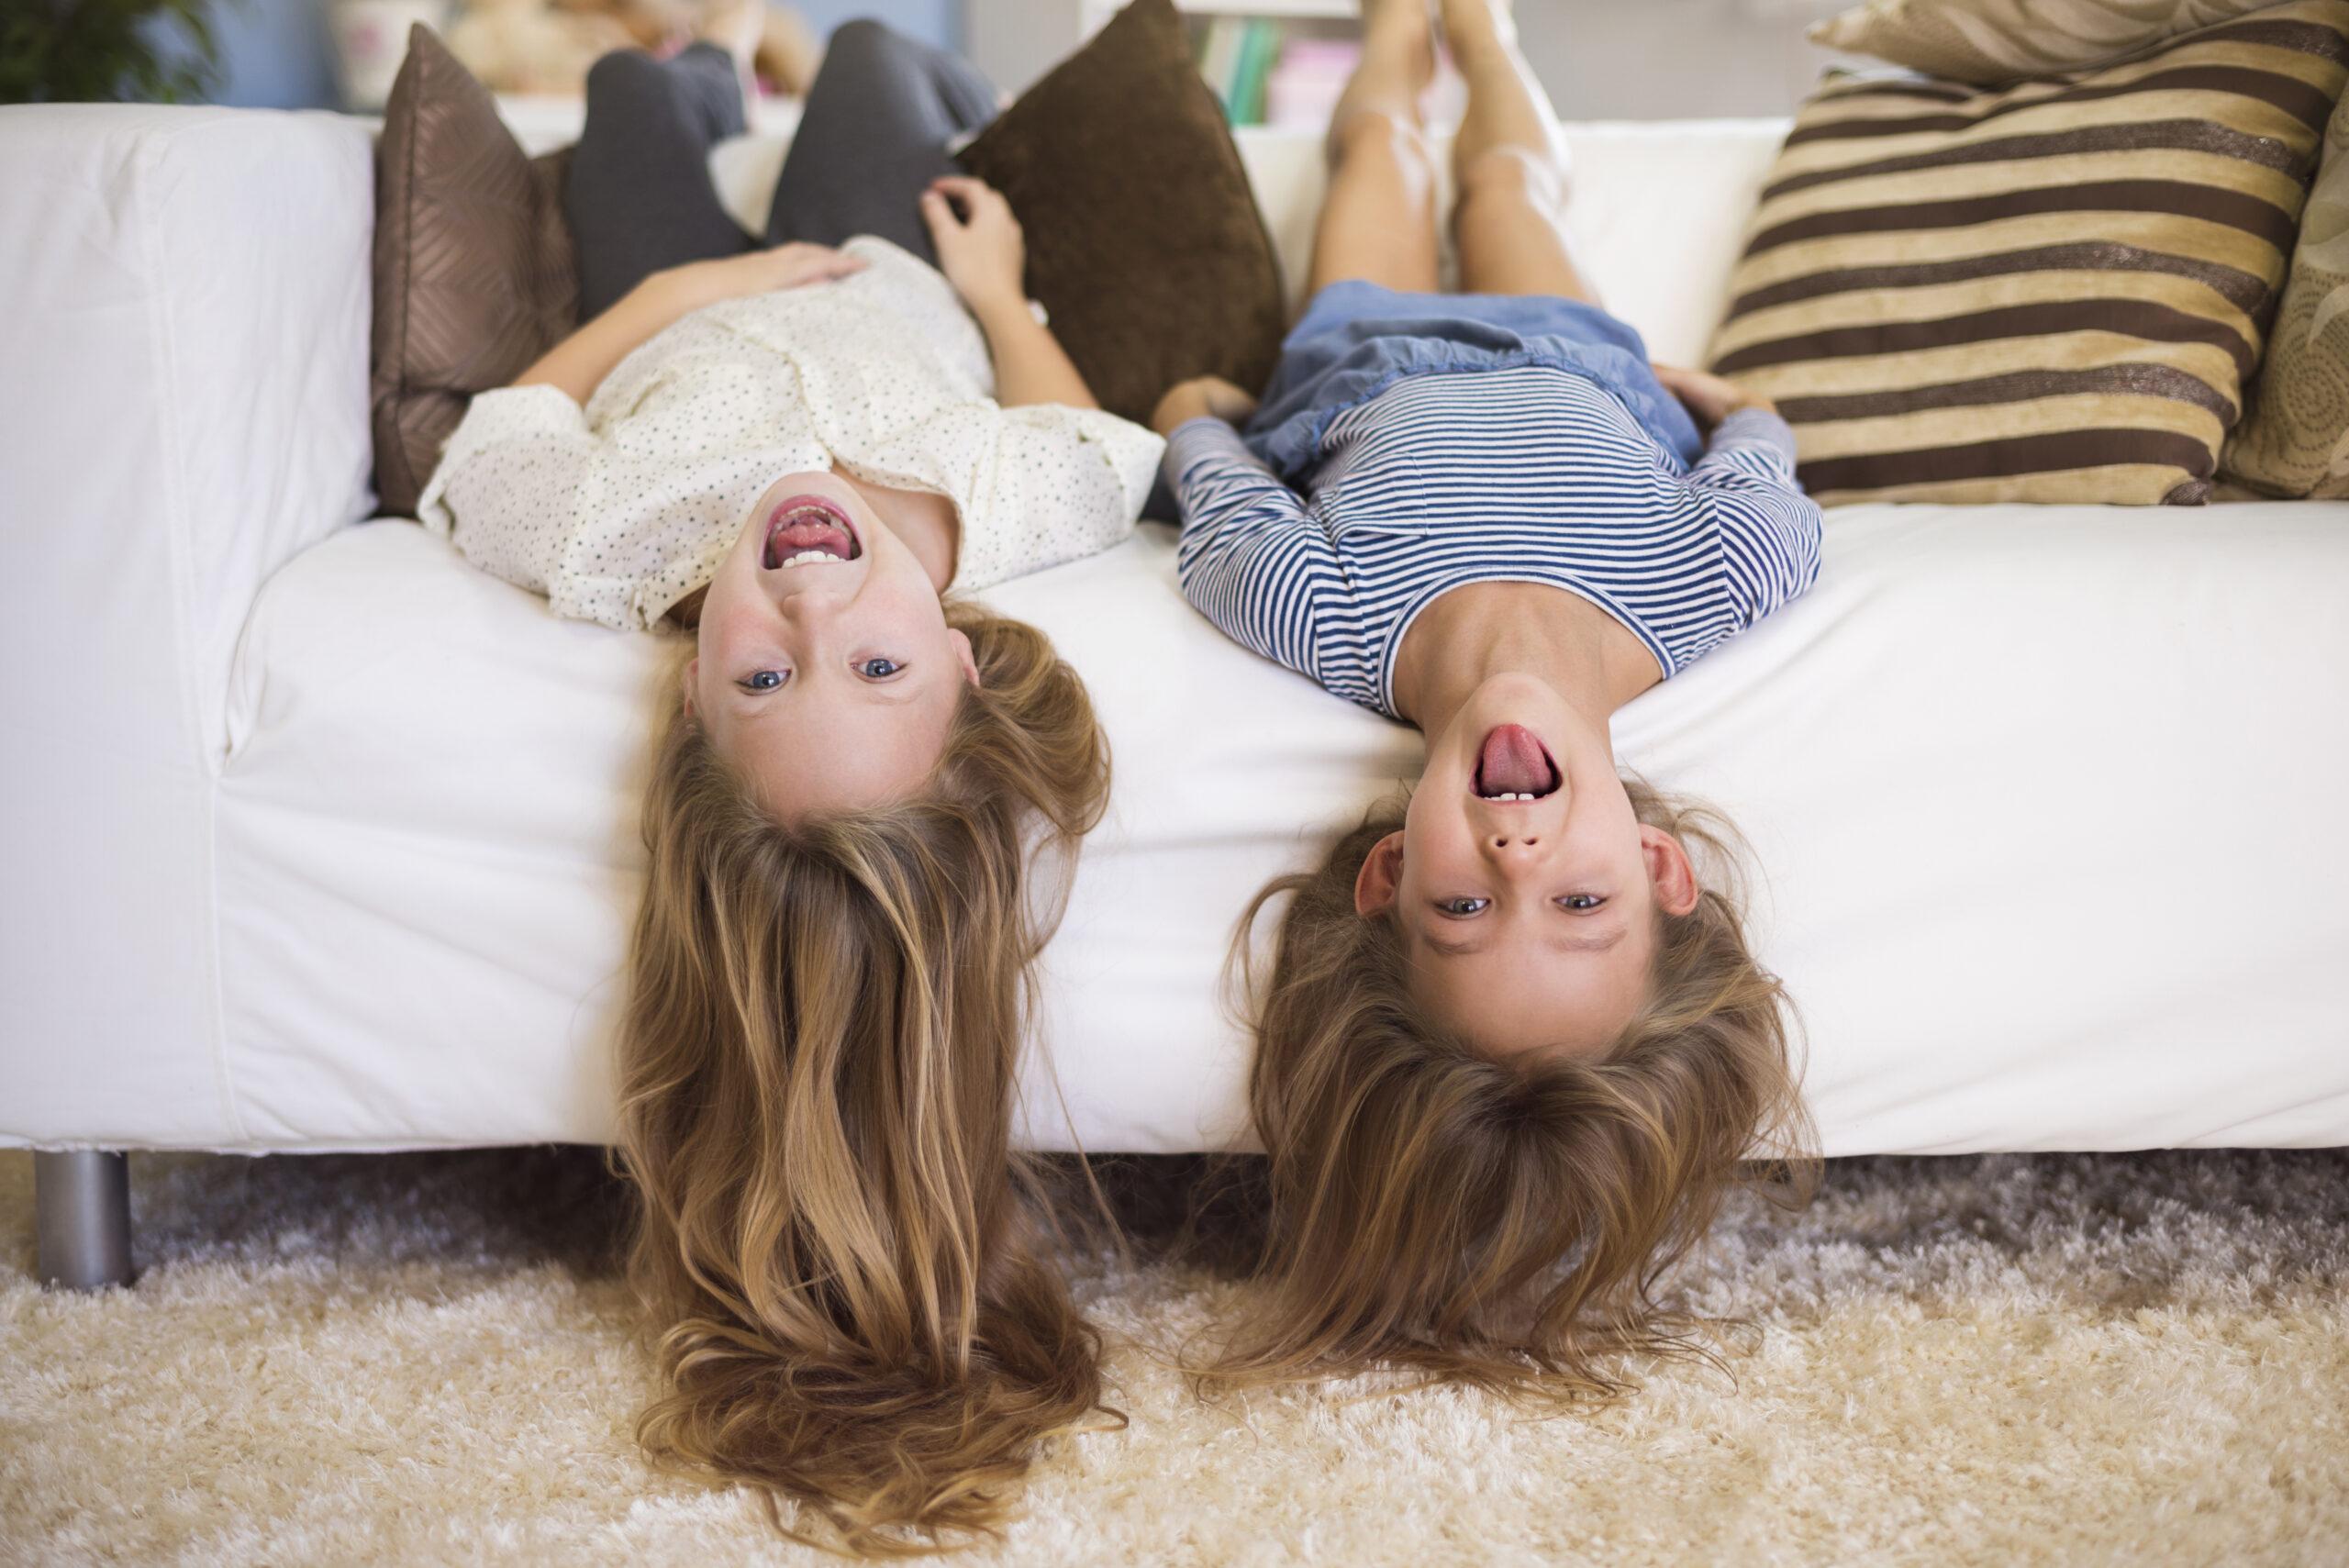 От младенца до подростка — как найти подход к ребенку